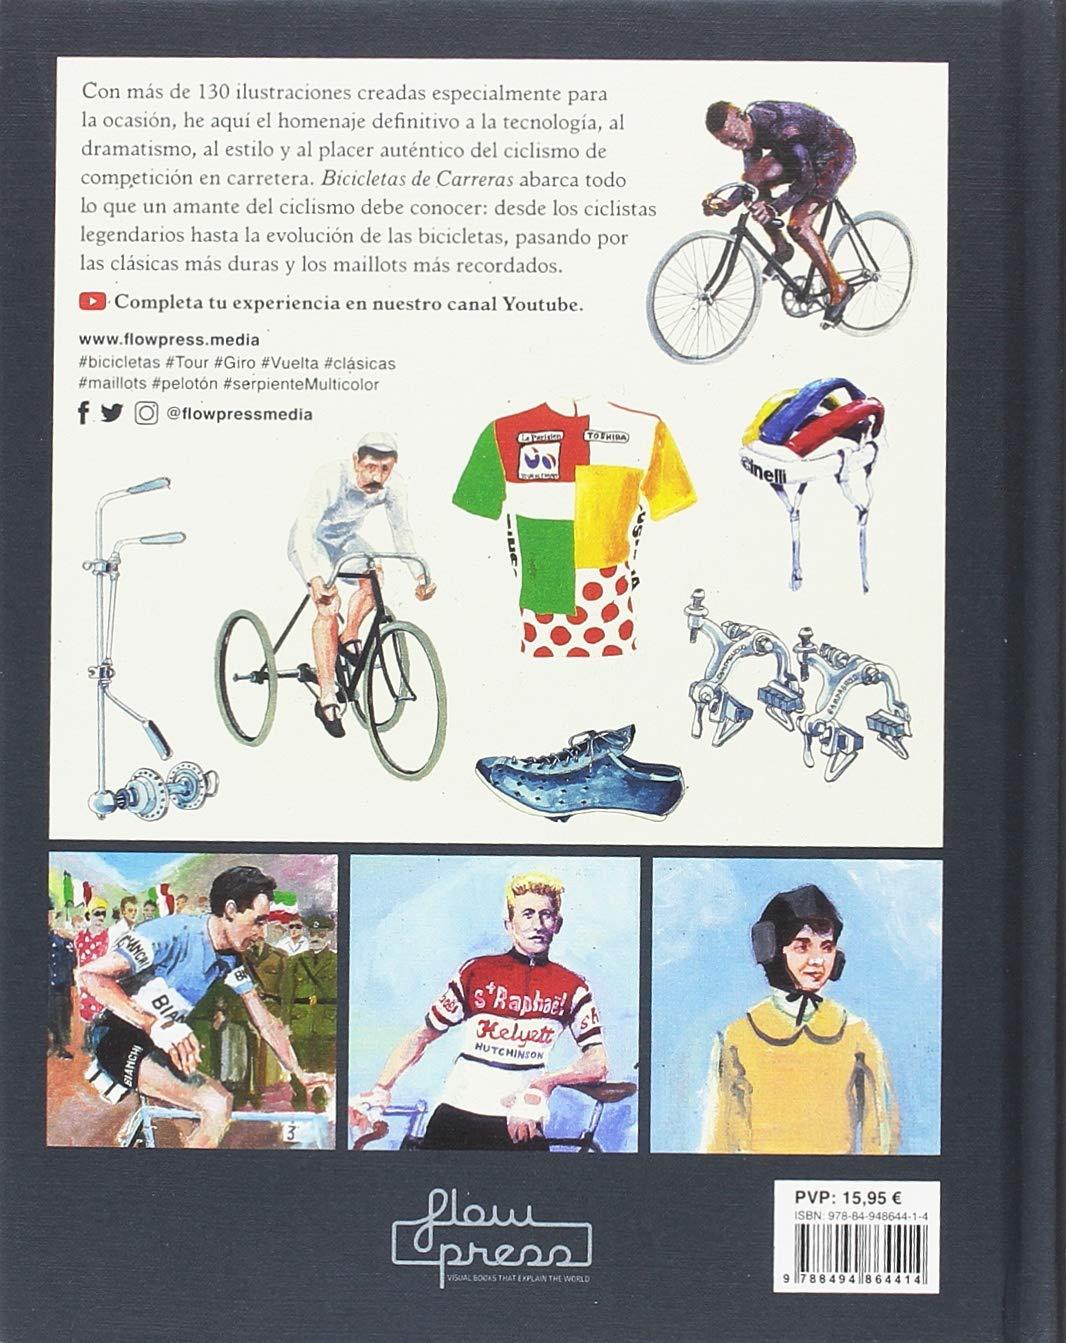 Bicicletas de carreras: La historia ilustrada del ciclismo en ...